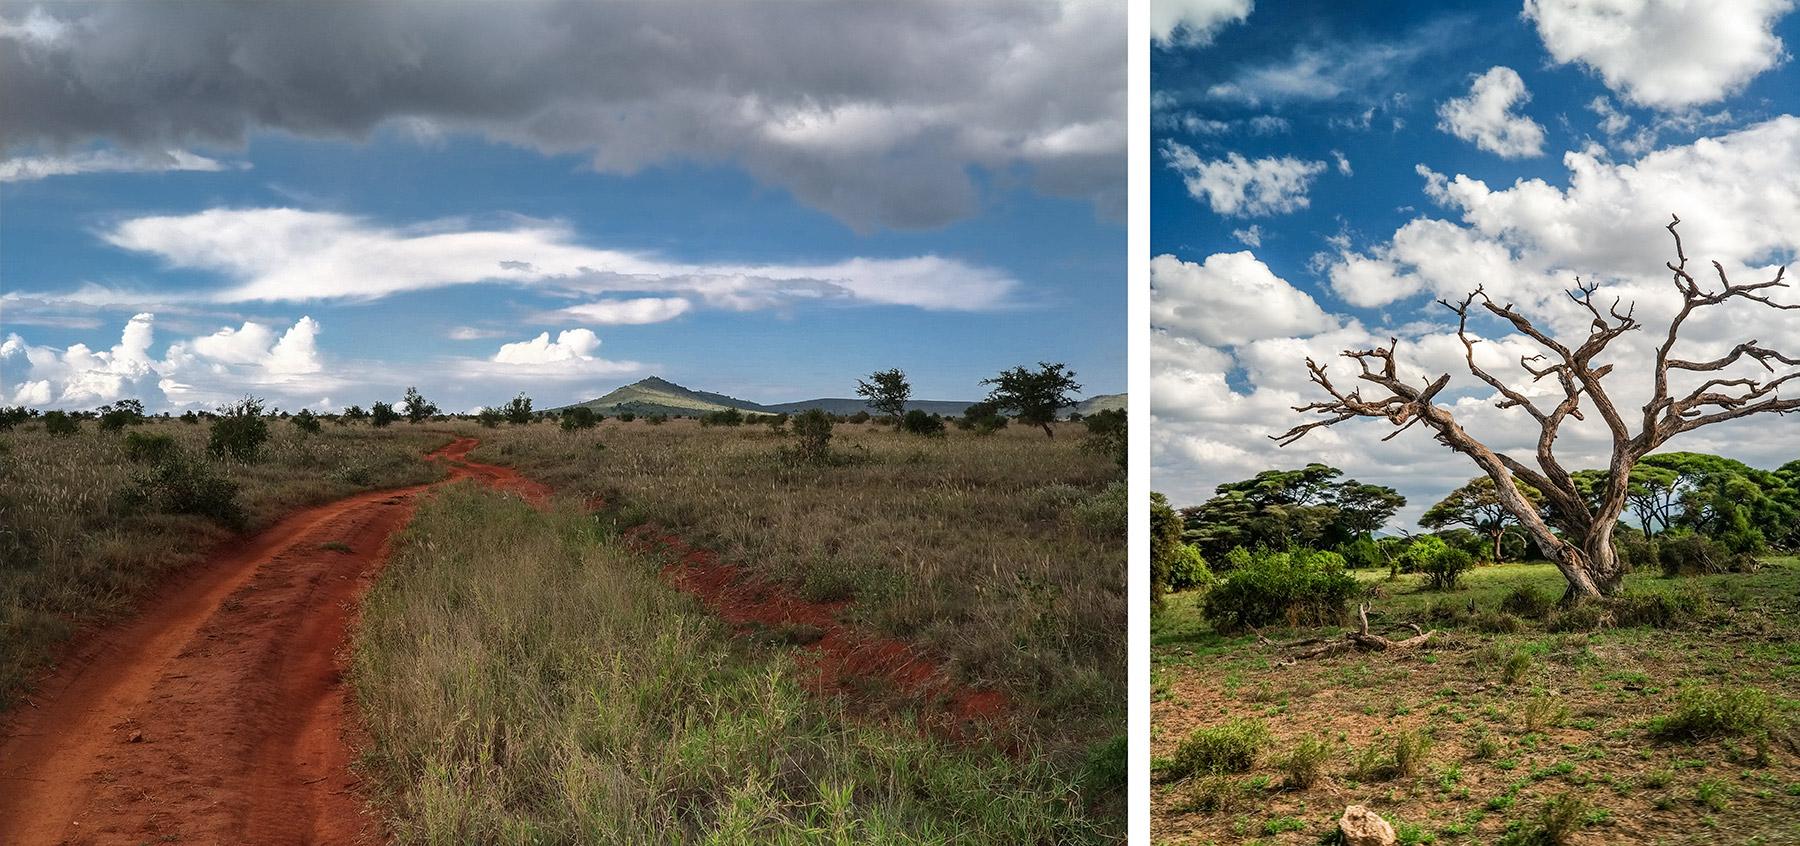 Safari w Kenii fotografia mobilna oderwany